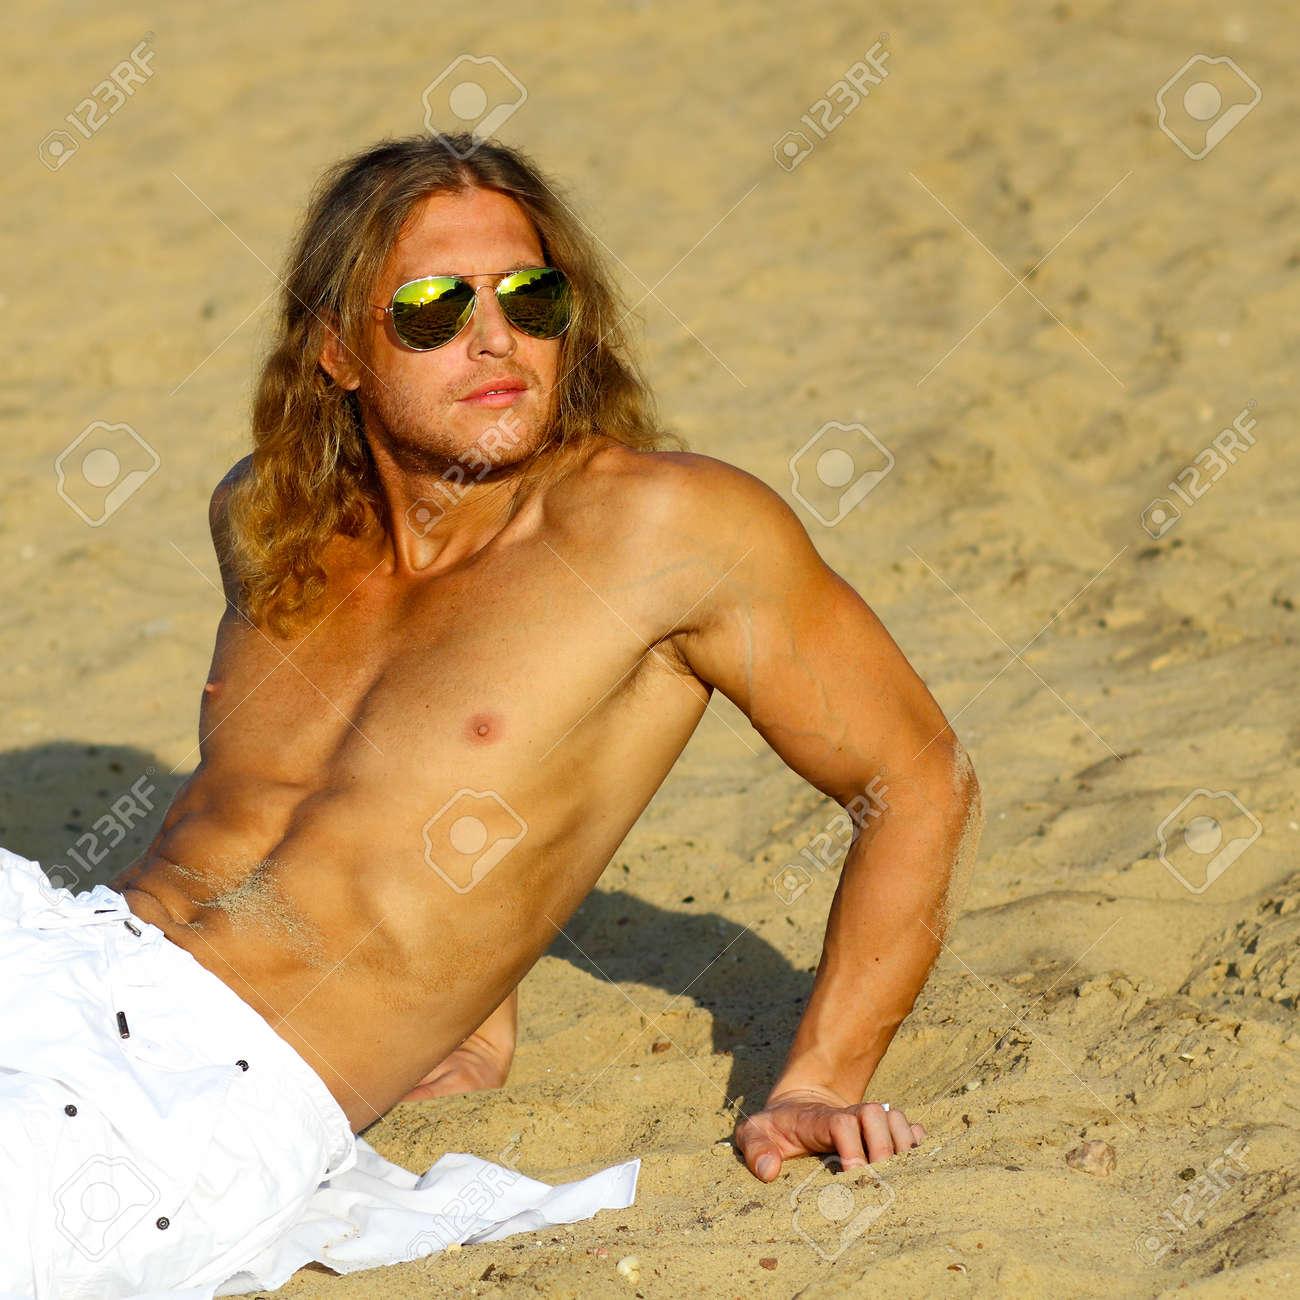 fitness-model-posiert-nackt